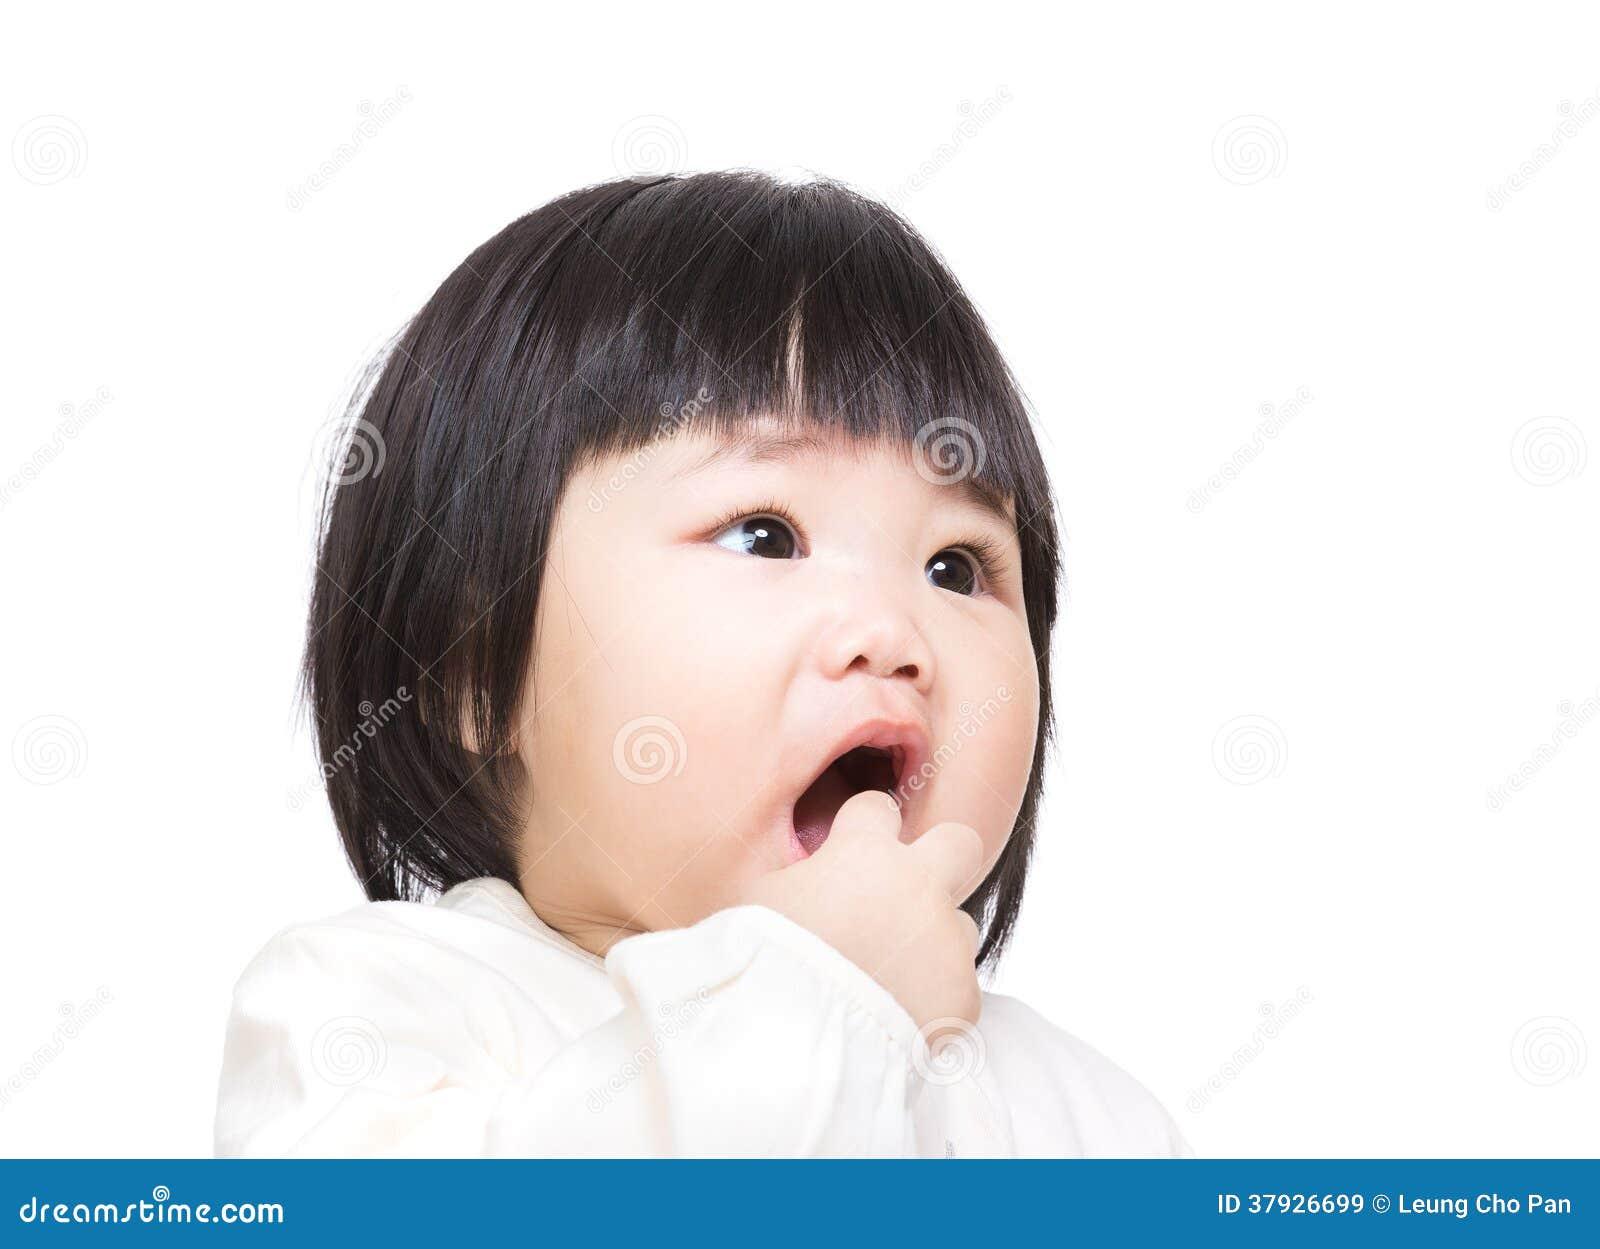 Asiatet behandla som ett barn flickan suger fingret in i mun